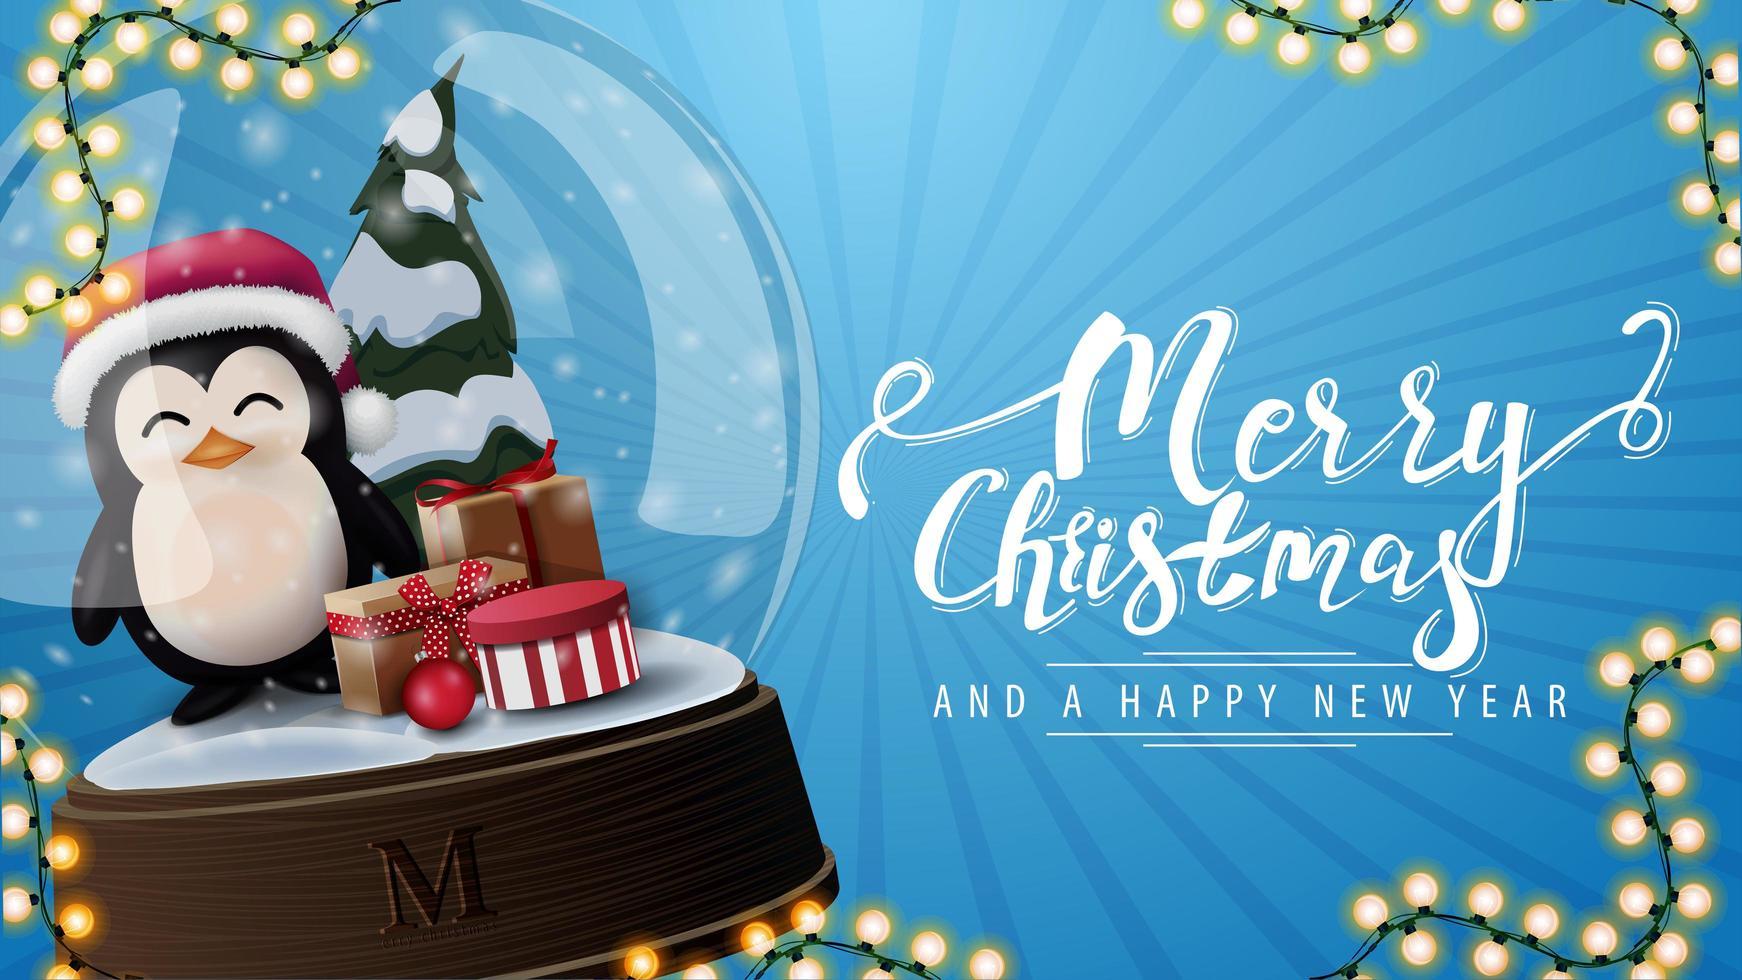 prettige kerstdagen en gelukkig nieuwjaar, blauwe briefkaart met grote sneeuwbol met pinguïn in kerstman hoed met cadeautjes erin vector